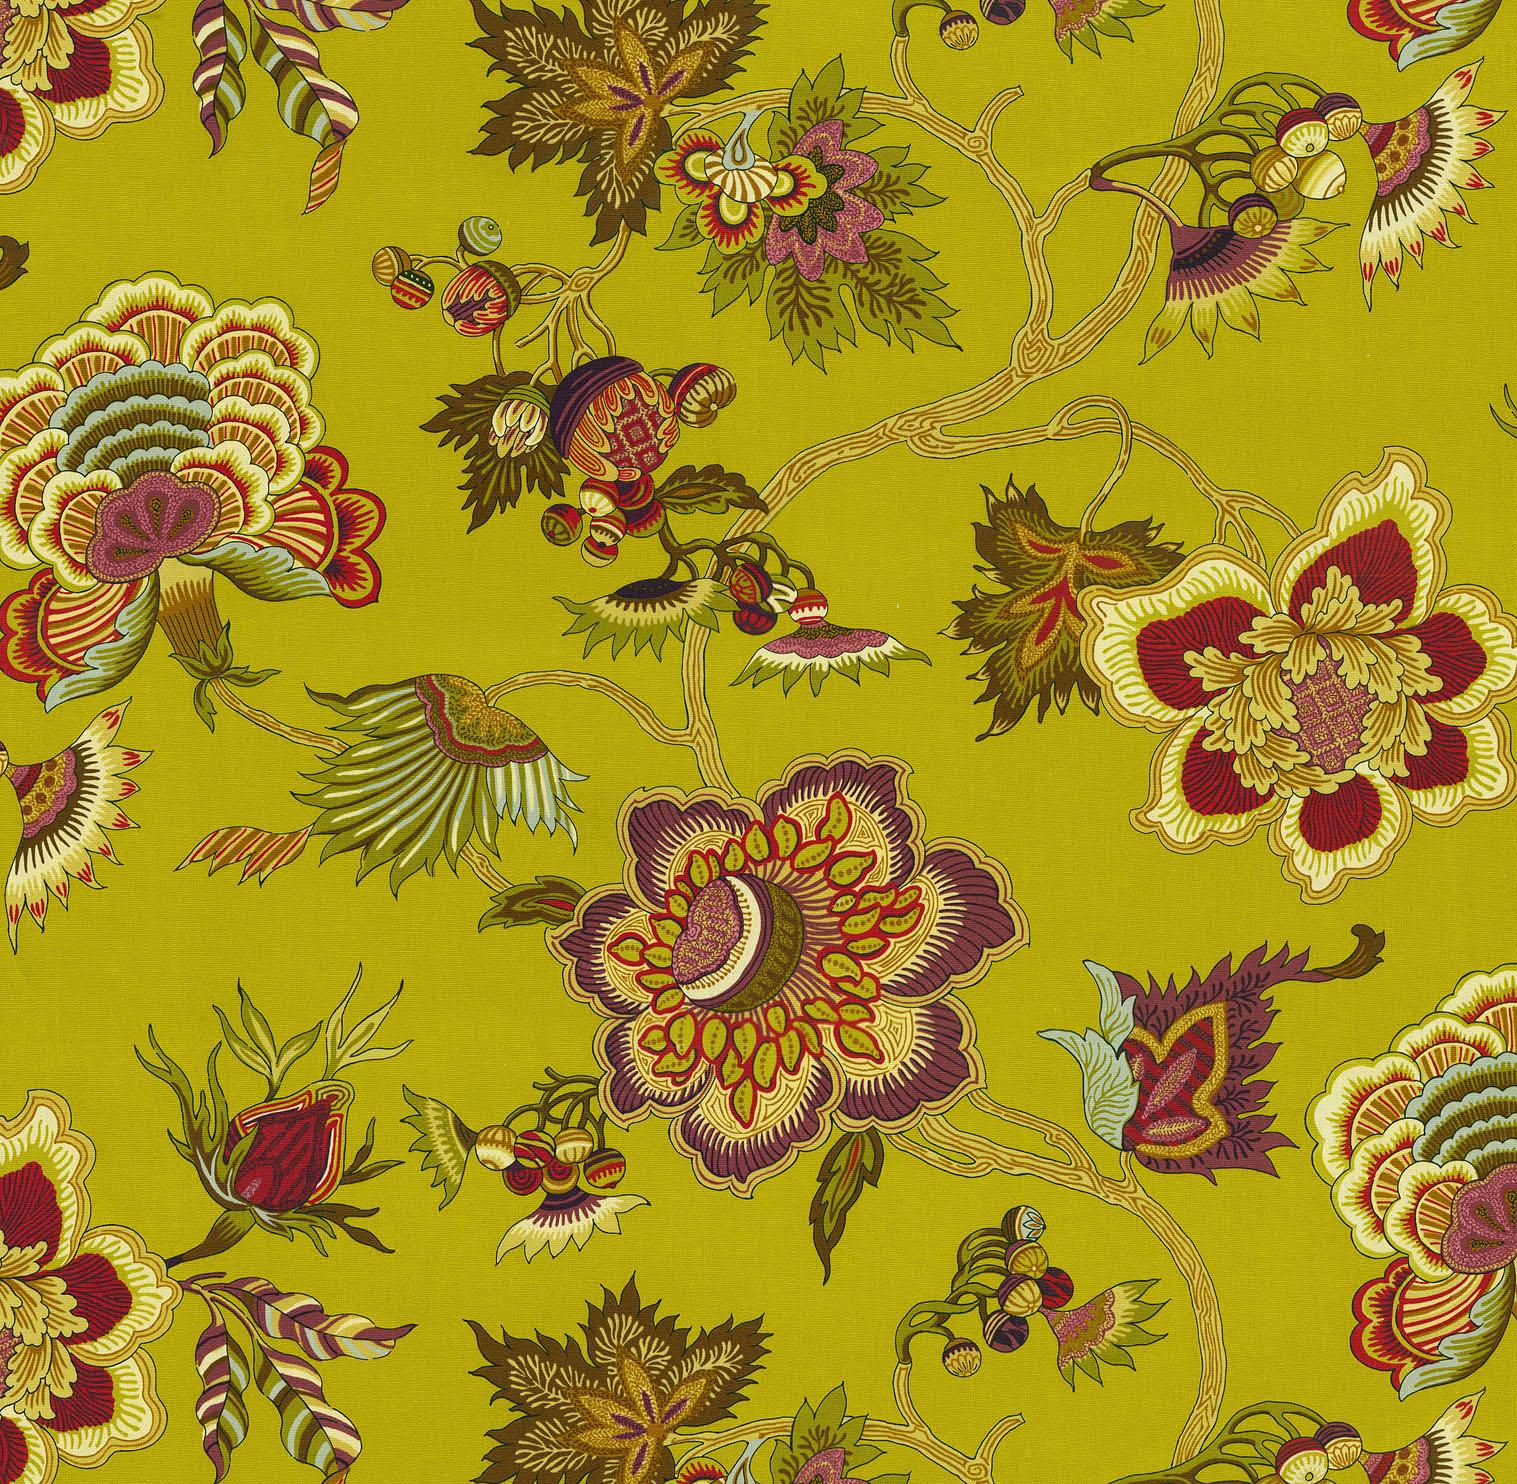 Home Decor Print Fabric Iman Samoan Plantation Tourmaline Joann